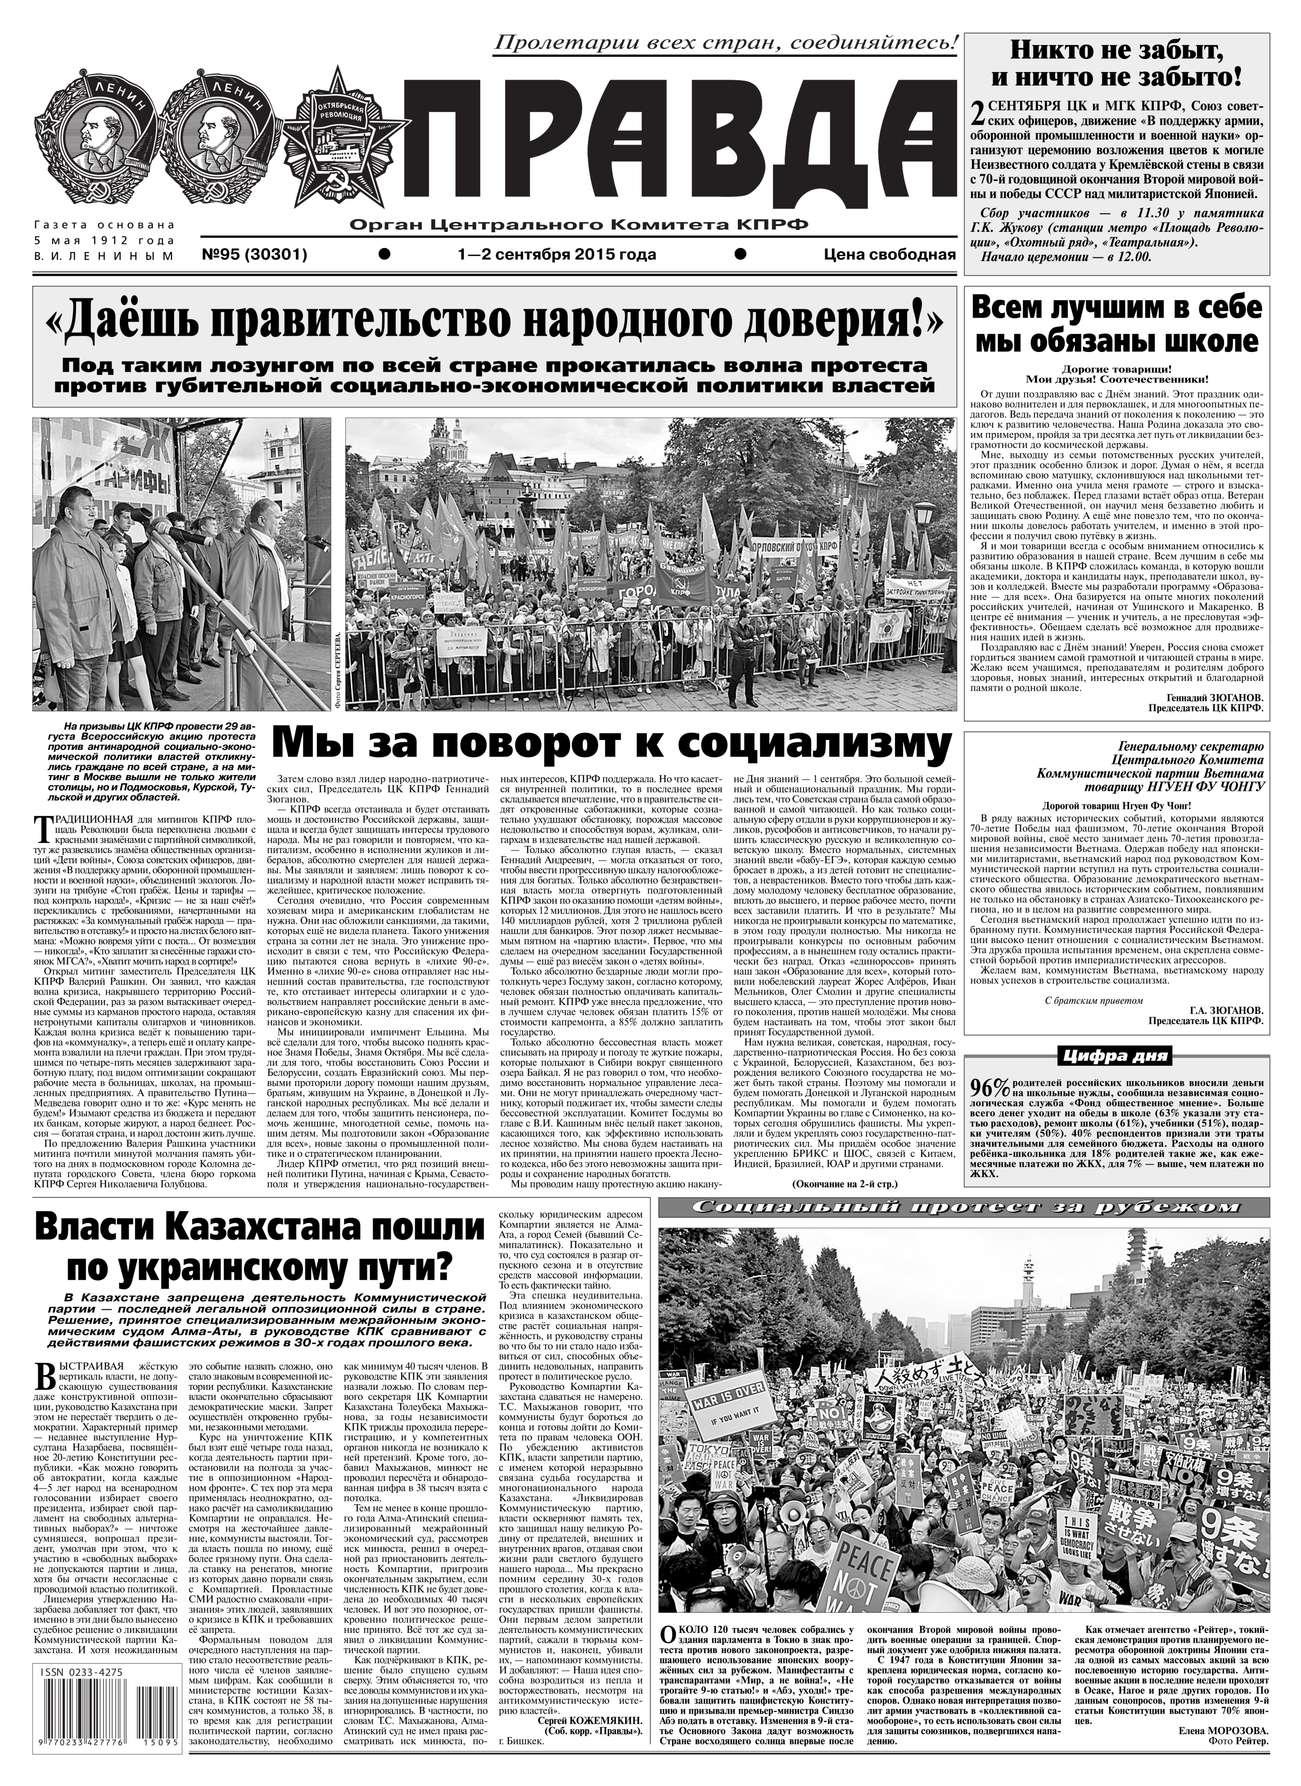 Редакция газеты Правда Правда 95-2015 редакция газеты новая газета новая газета 95 2017